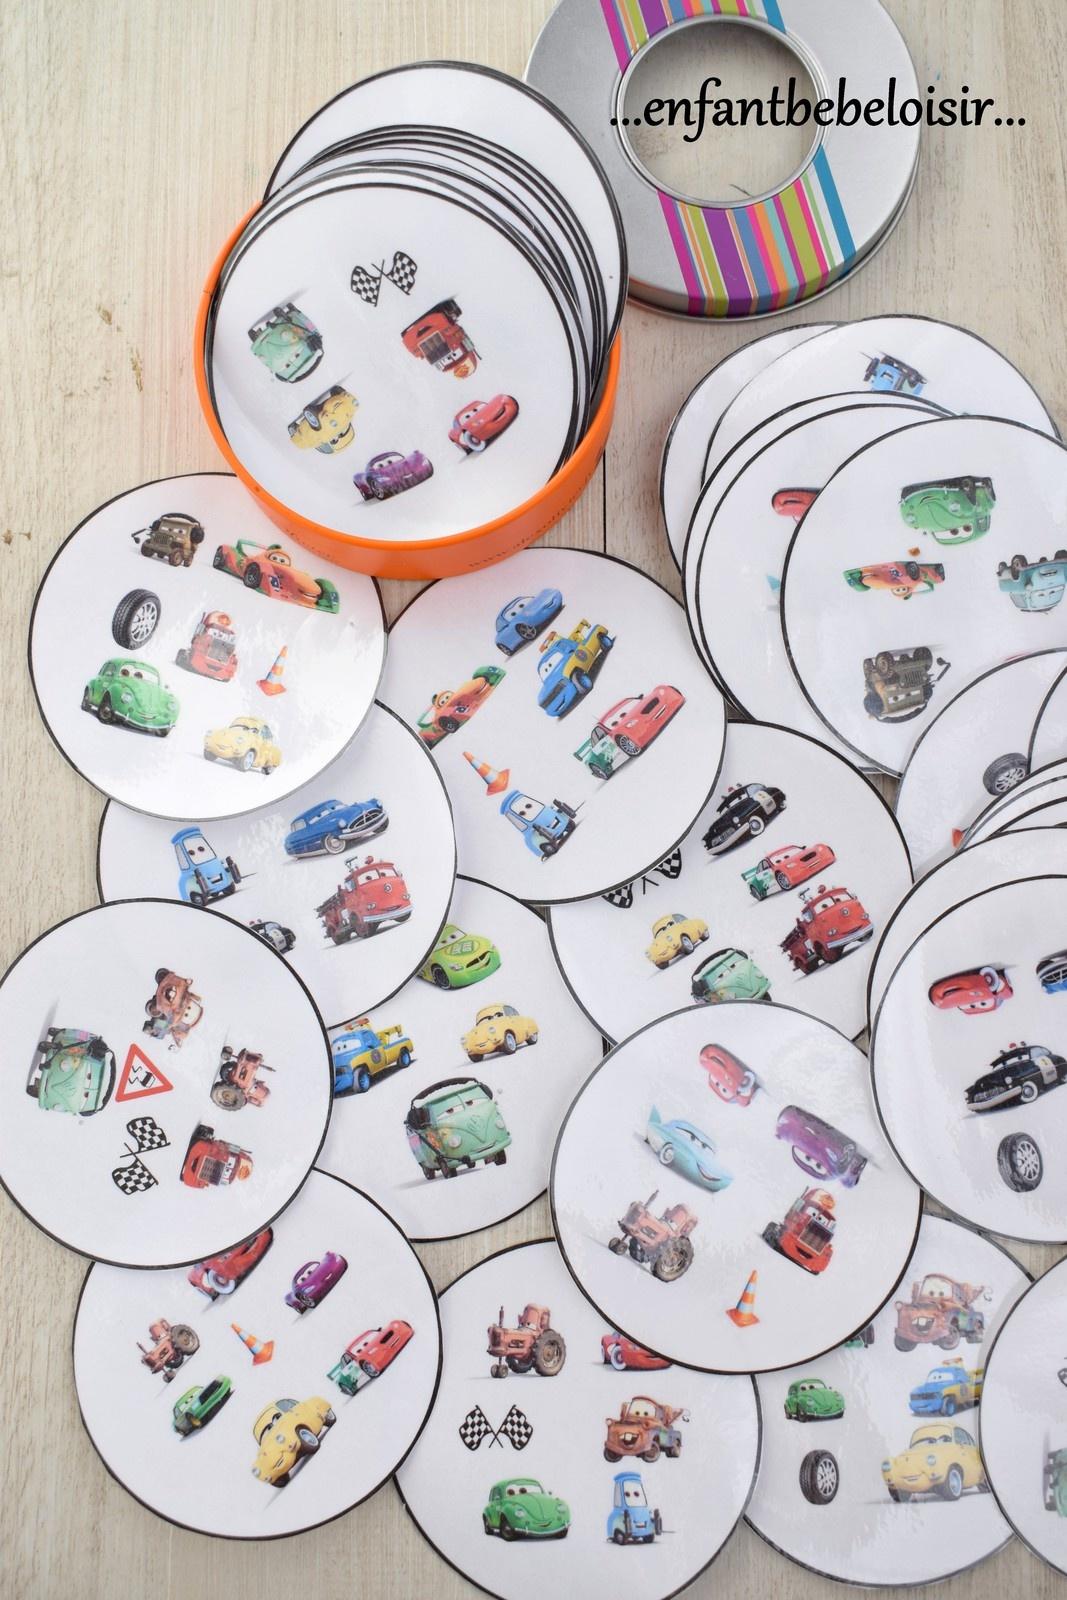 Jeu Dobble Cars Pixar À Imprimer - Gratuit - Enfant Bébé Loisir avec Jeux De Maternelle À Imprimer